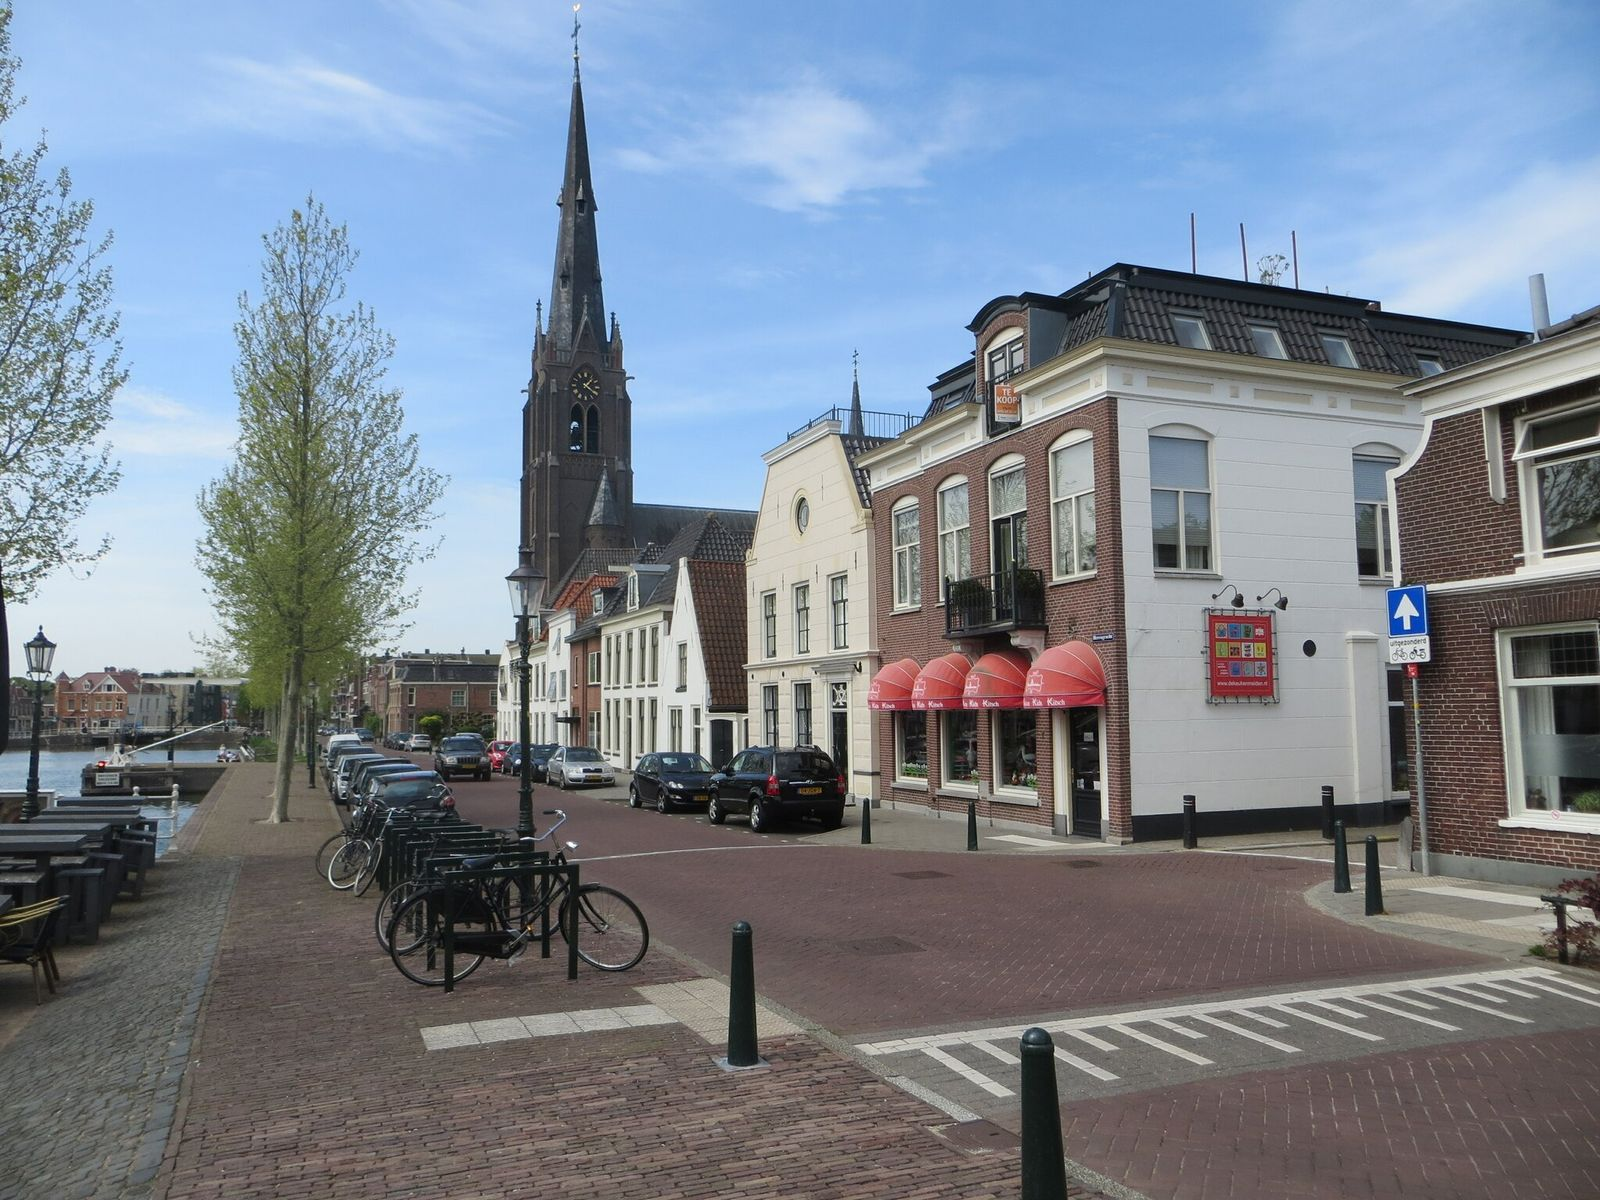 Blomstraat 1, Weesp